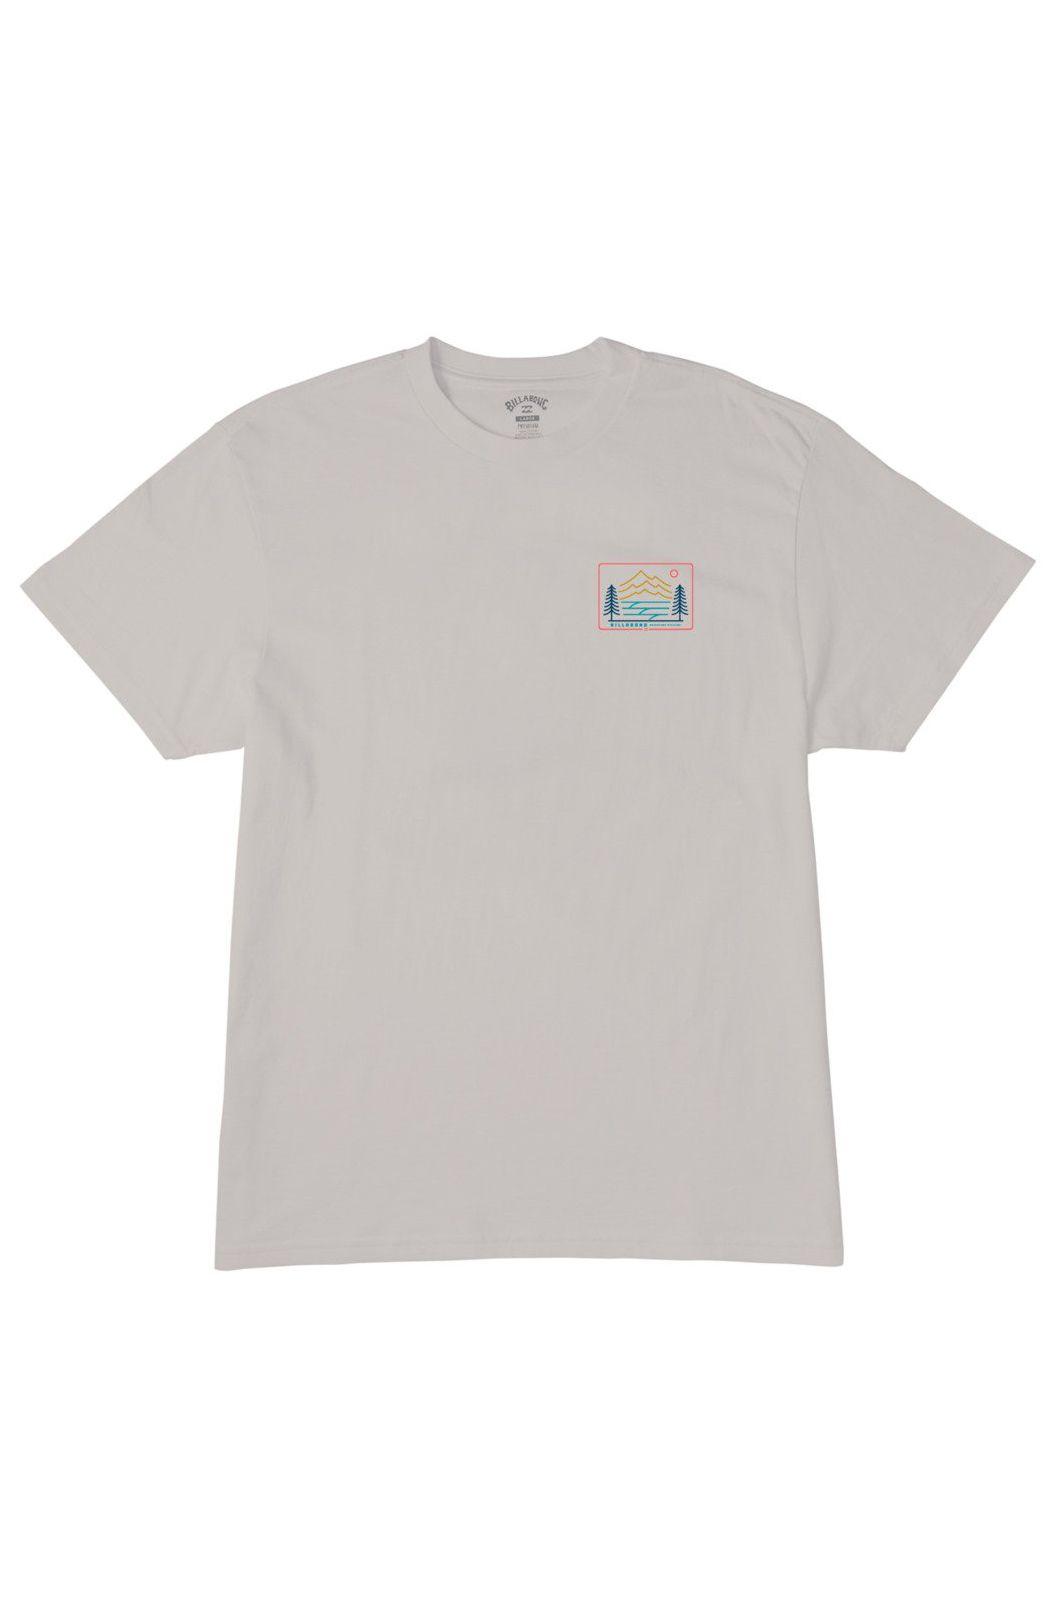 T-Shirt Billabong HWY 101 SS ADVENTURE DIVISION Chino